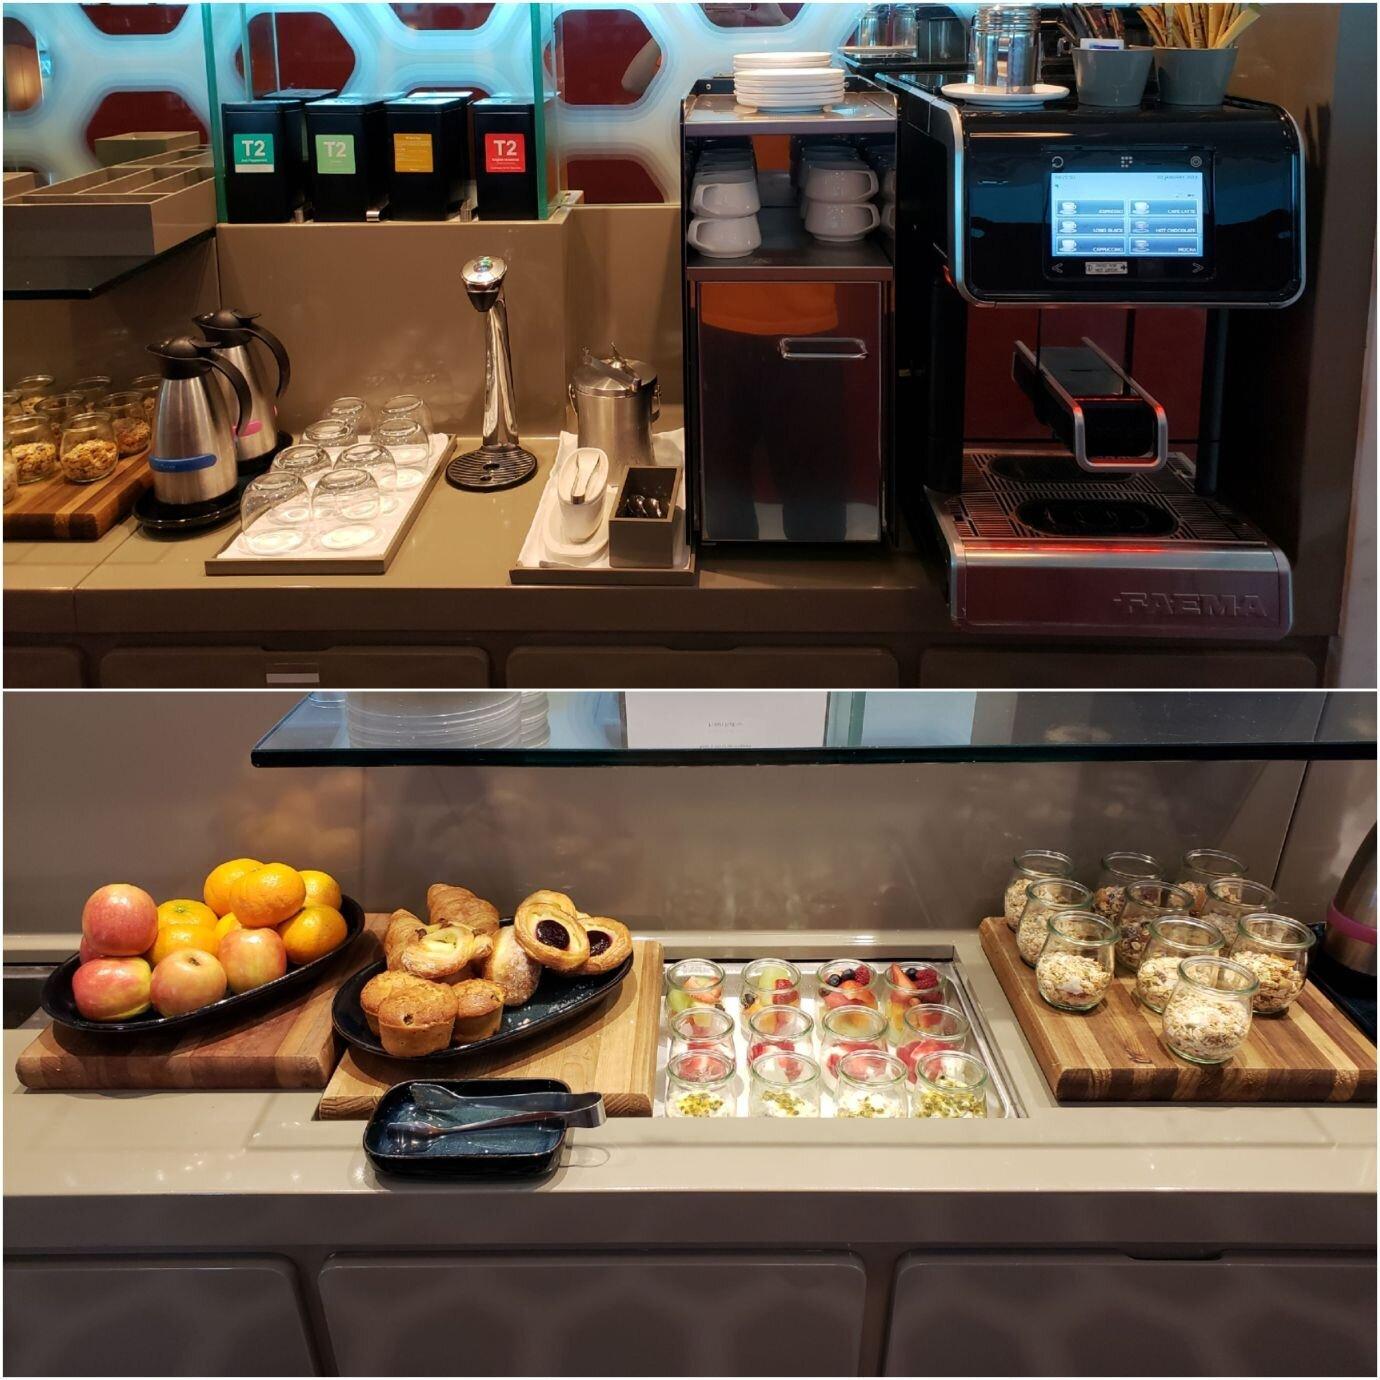 有熱飲機台(上圖),也有甜點與水果(下圖)